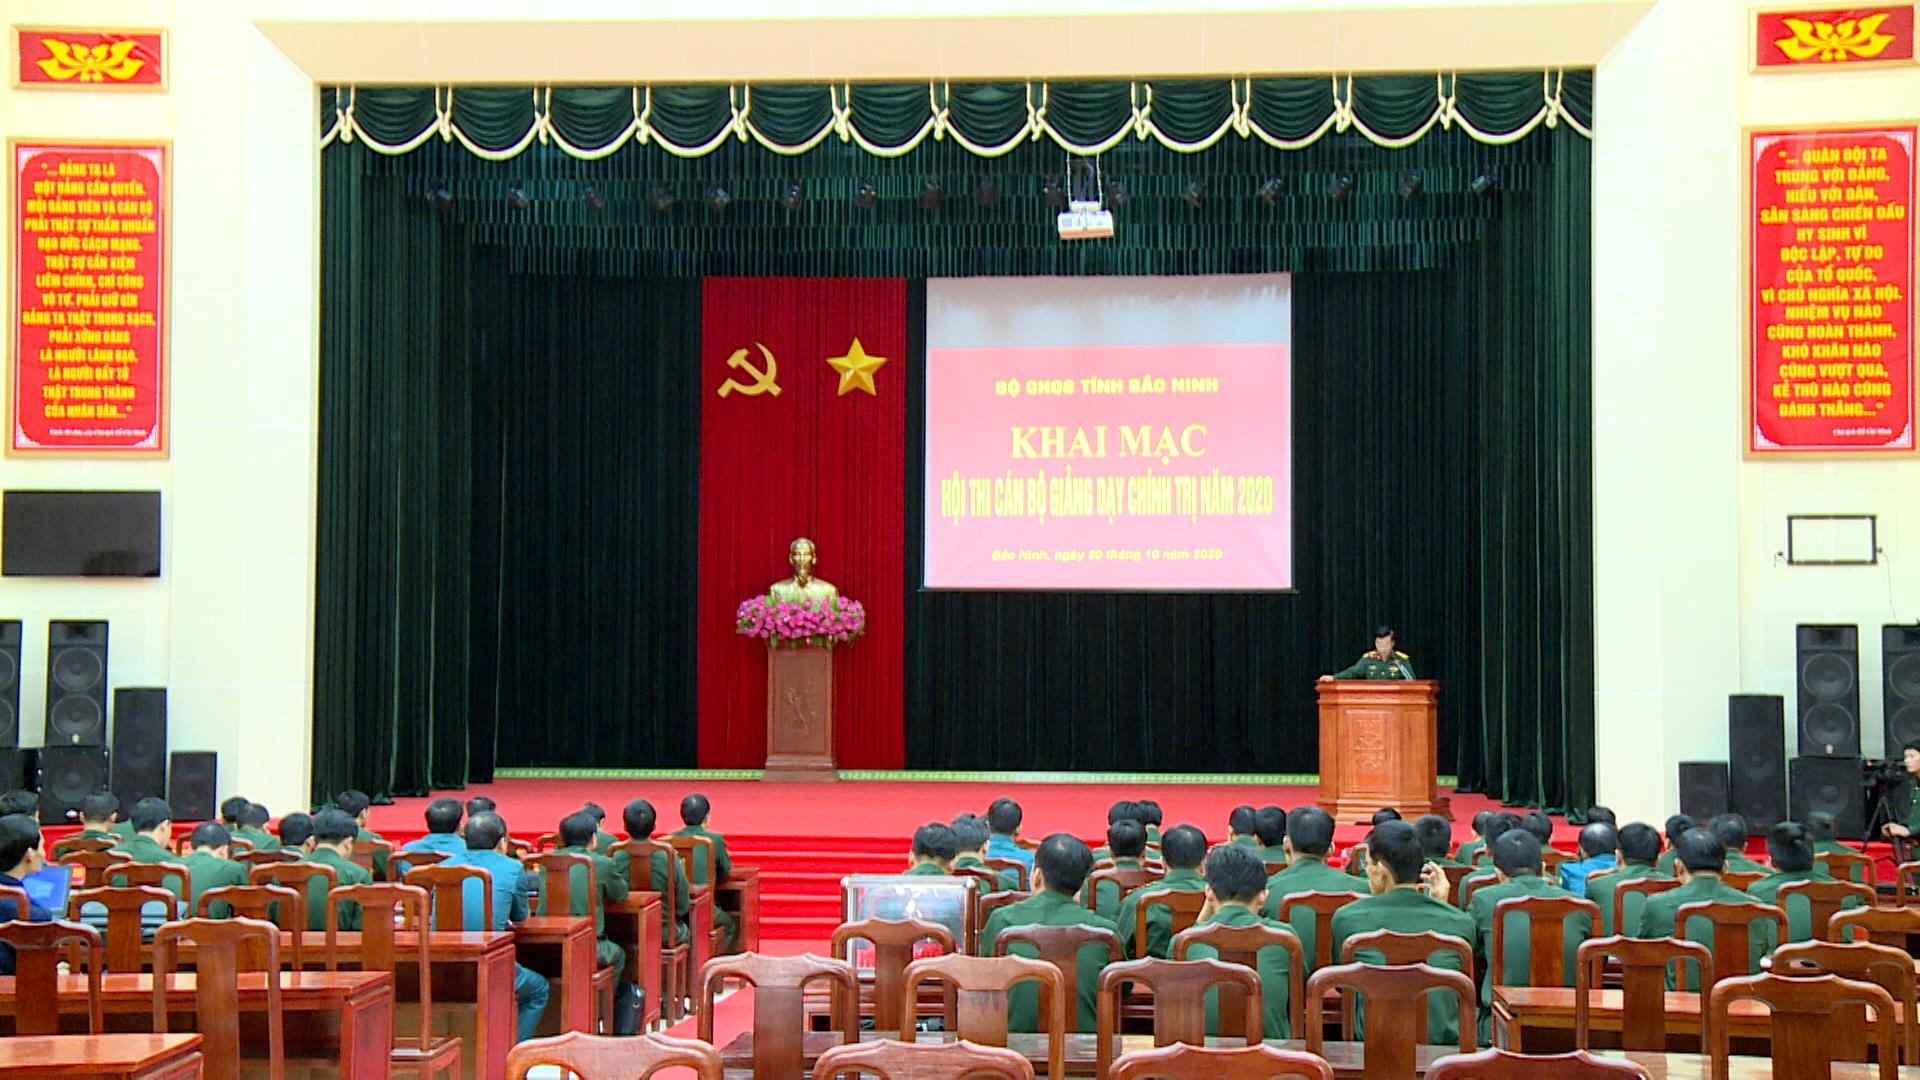 Khai mạc Hội thi cán bộ giảng dạy chính trị cấp Bộ CHQS tỉnh